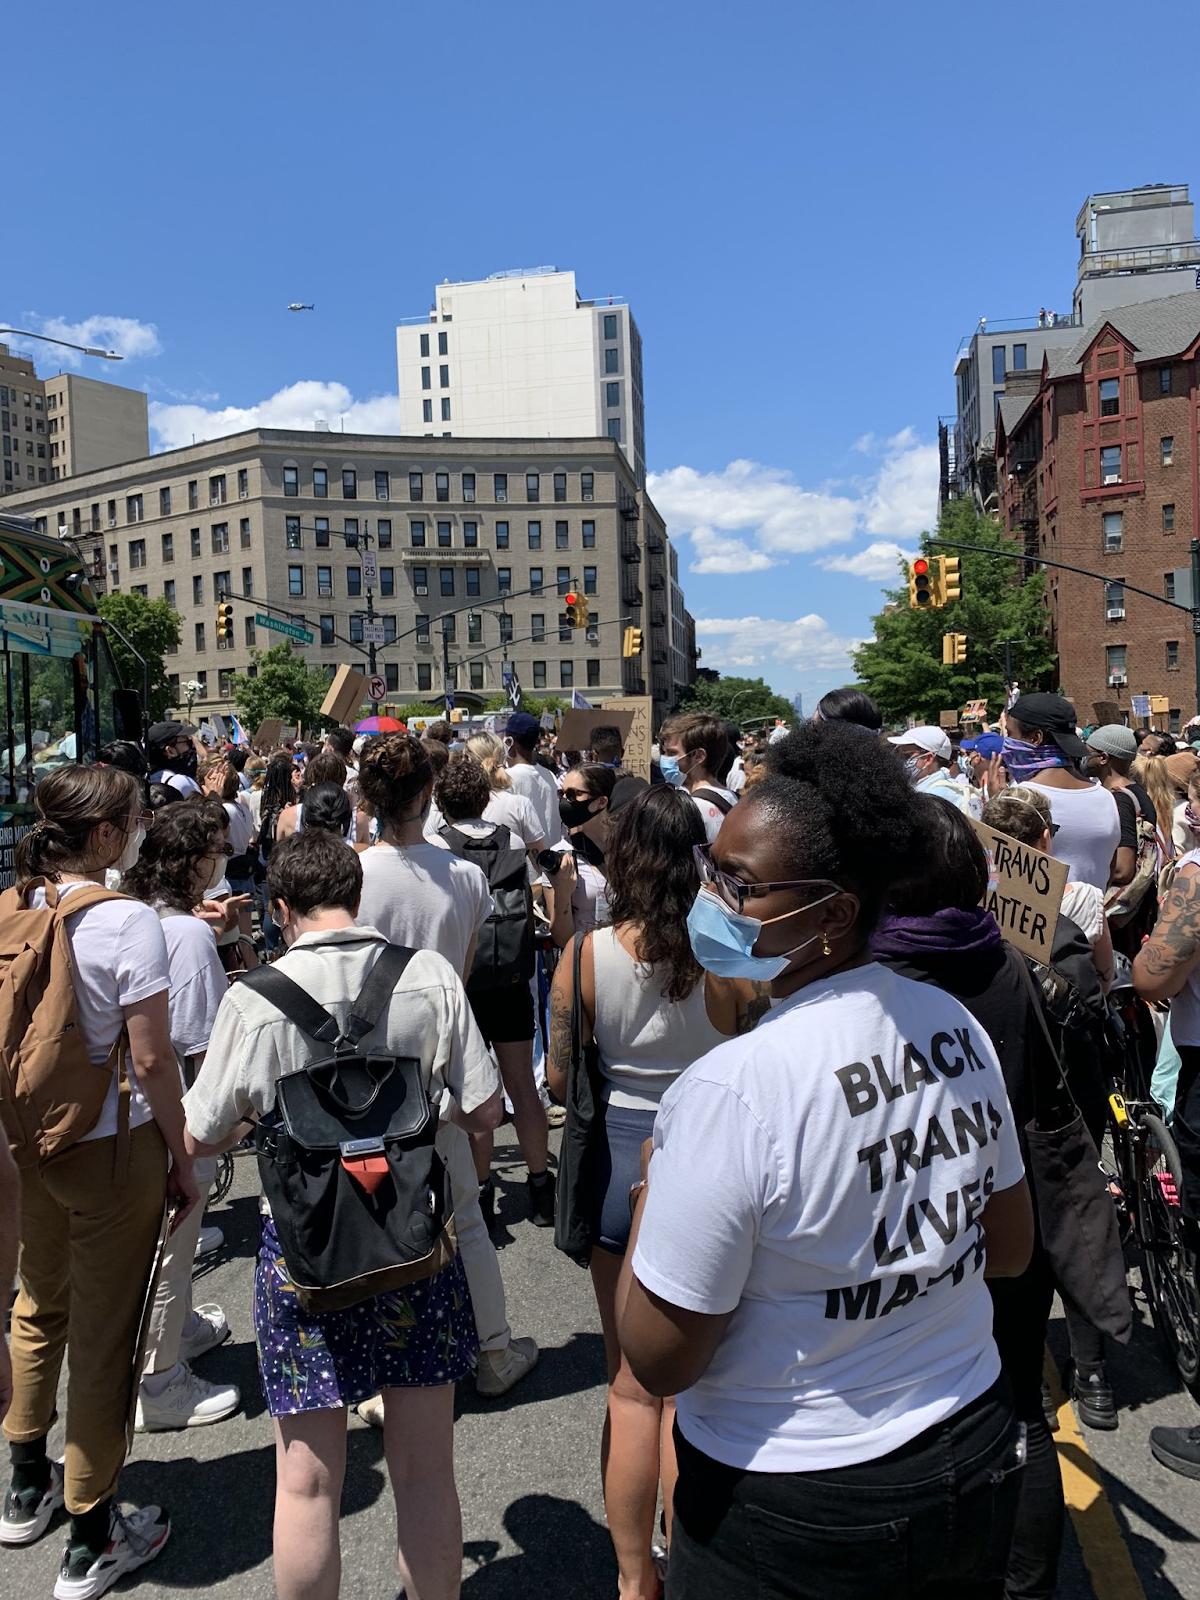 Phara at Black Trans Lives Matter